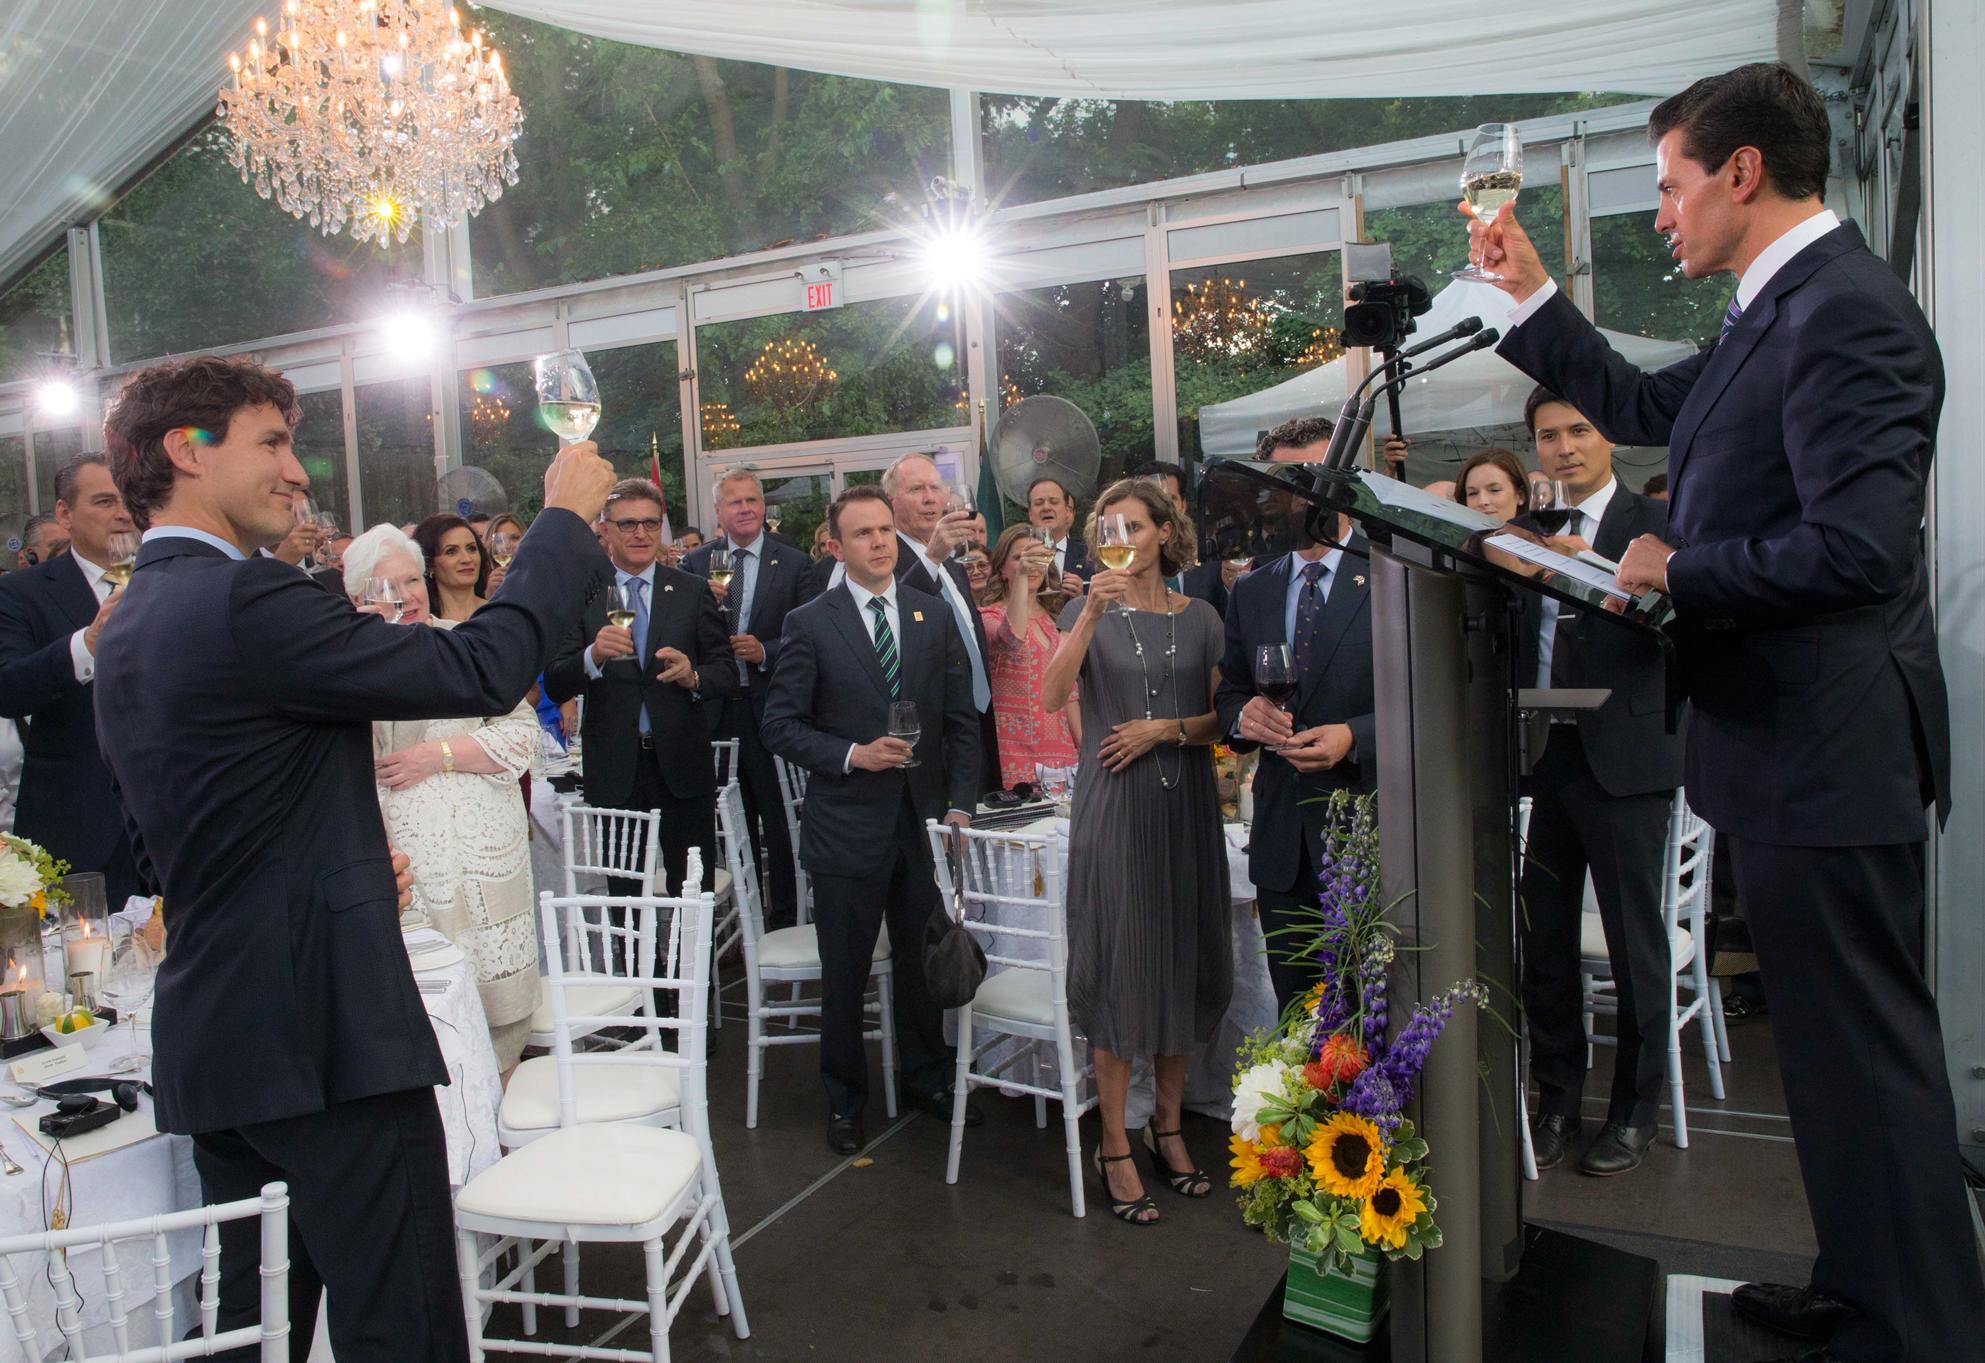 En Toronto, el Primer Mandatario, asistió a una cena que ofreció en su honor el Primer Ministro de Canadá, Justin Trudeau.